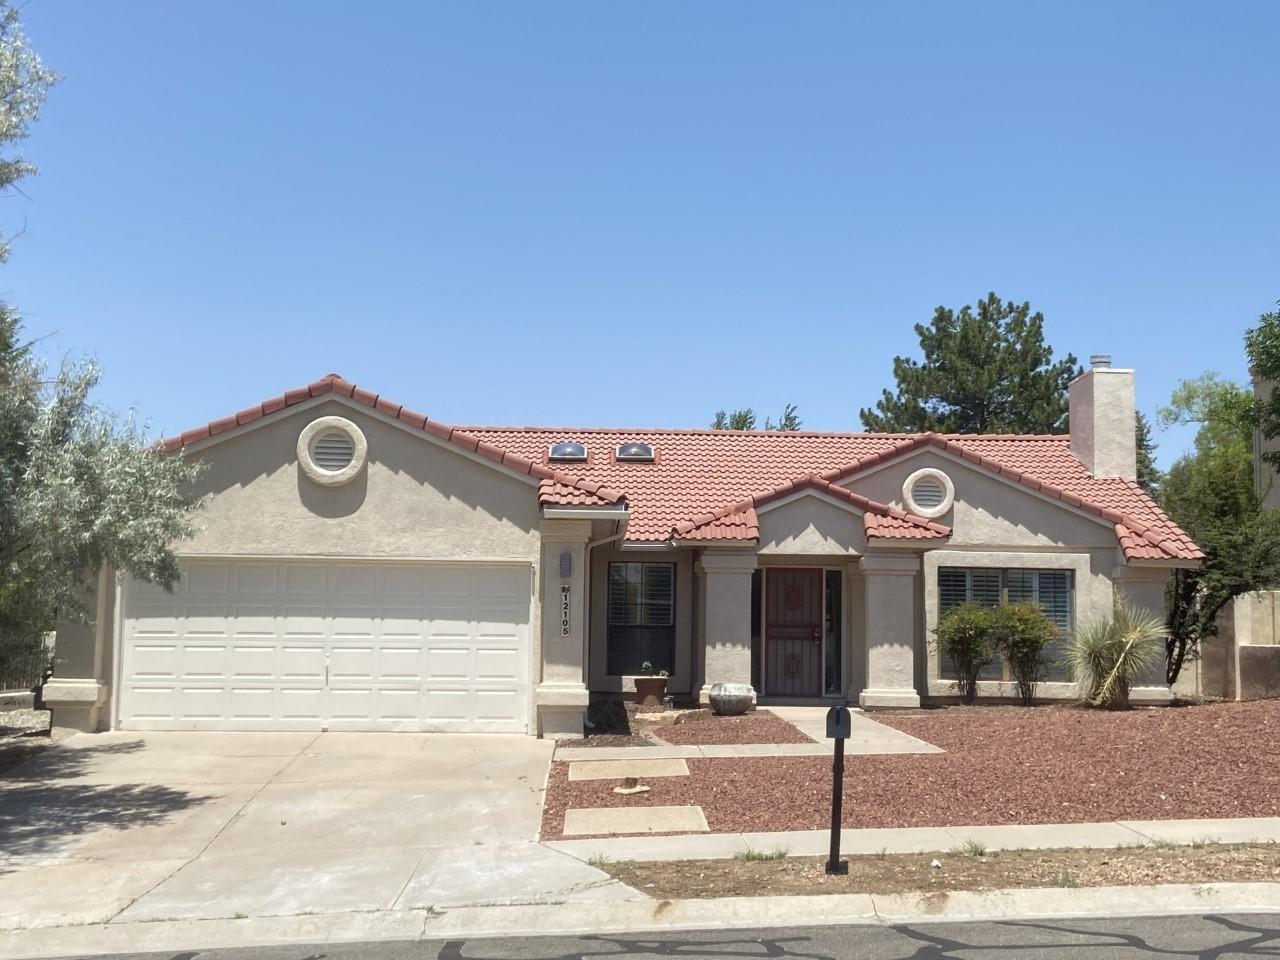 12105 LA VISTA GRANDE Drive, Albuquerque NM 87111